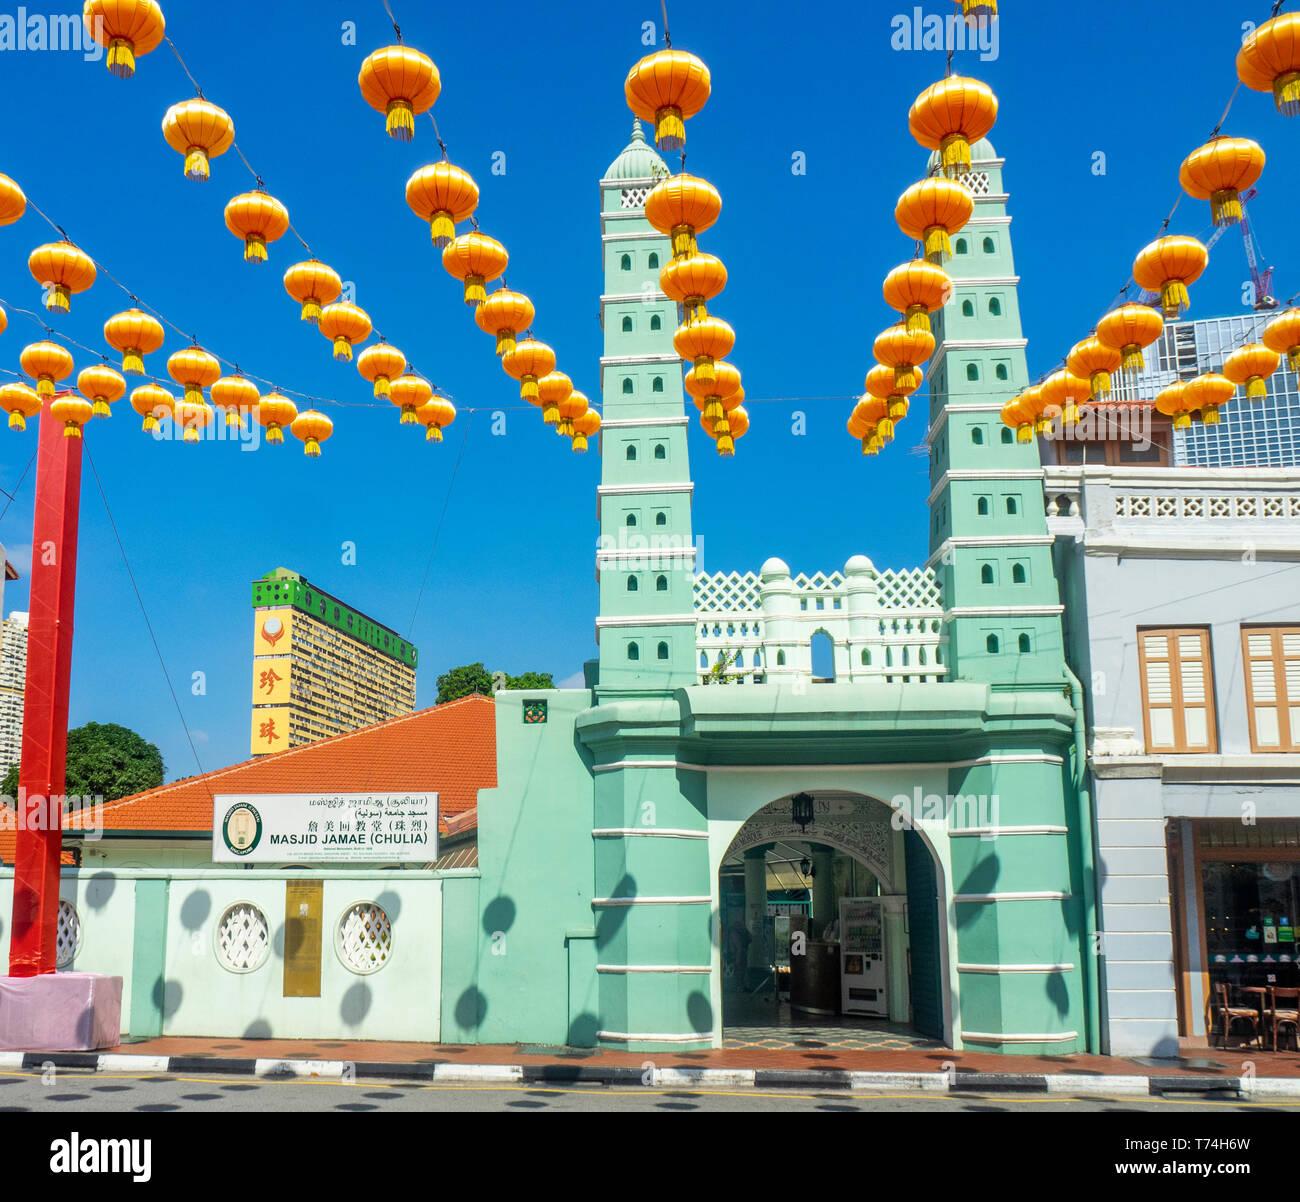 Lanternes rouges chinois pour le Nouvel An chinois en face de la mosquée Chulia sur South Bridge Road Singapore Singapour. Banque D'Images